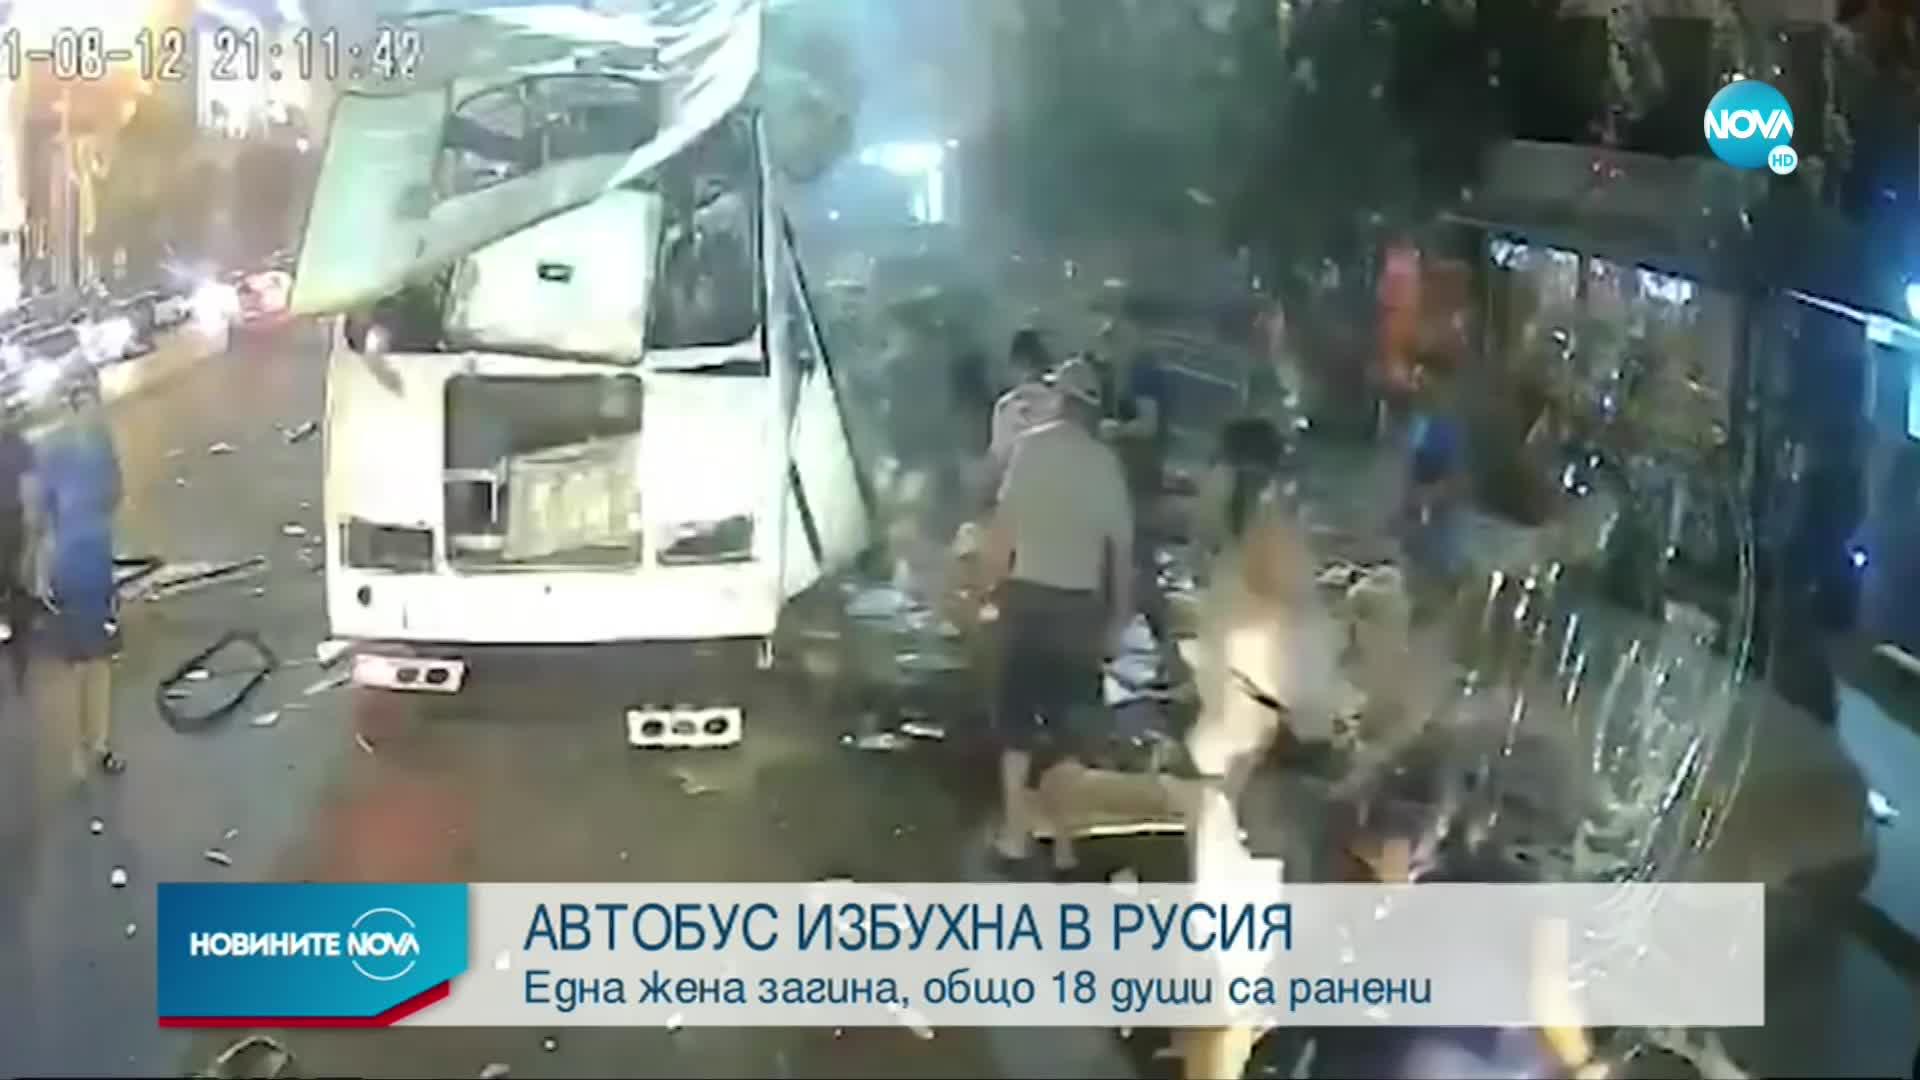 Автобус на градския транспорт в Русия, има жертма